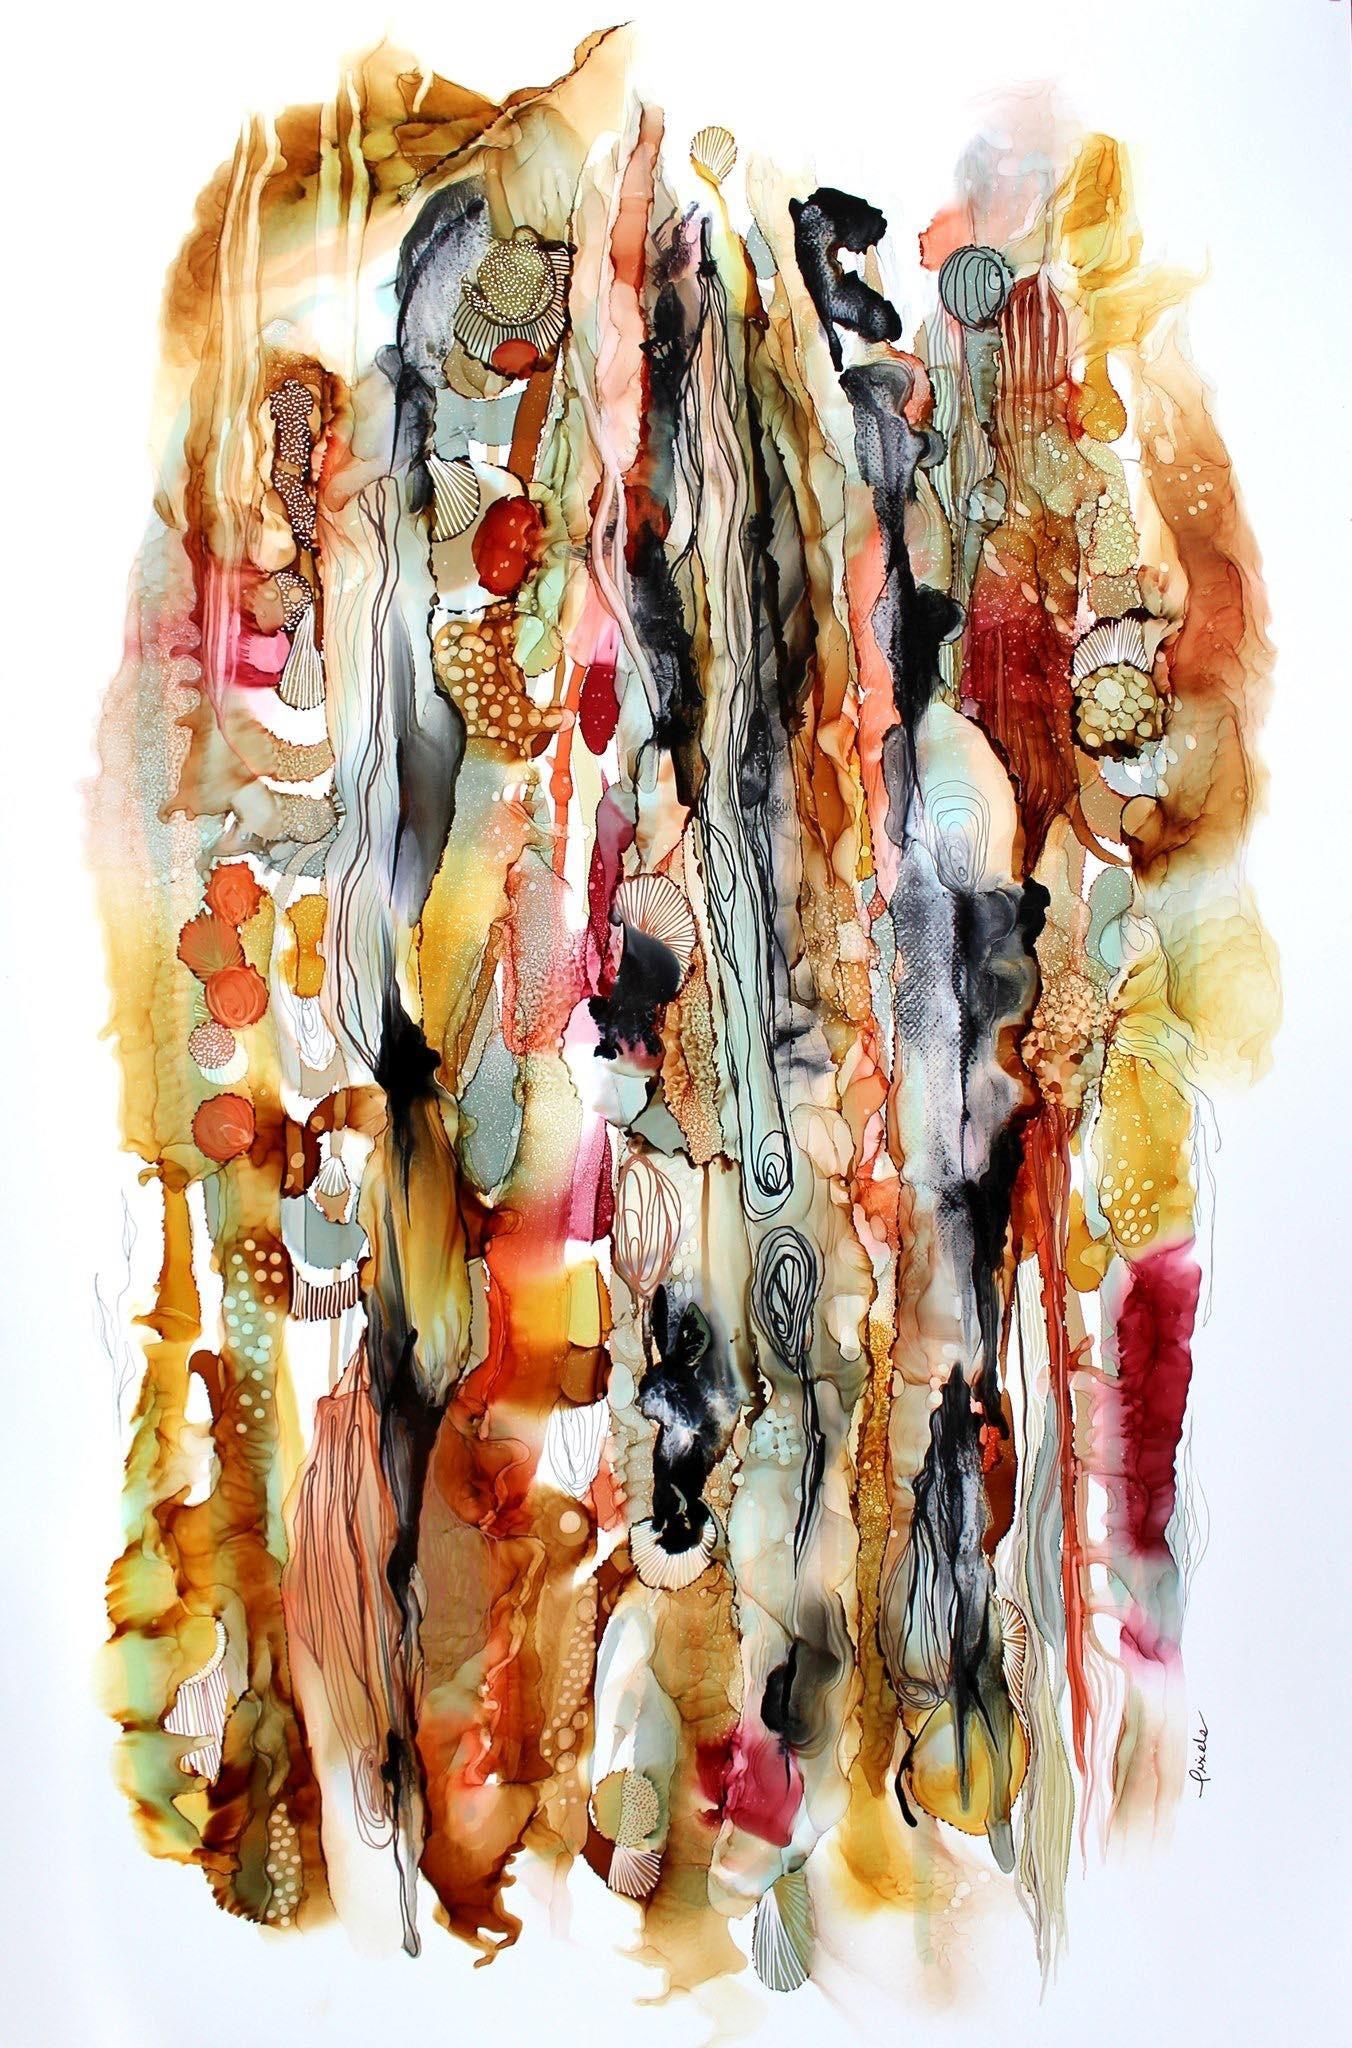 Âmes des écorces, de l'artiste Nancy Létourneau, Oeuvre sur papier Yupo, médium encre à l'alcool, Création unique, dimension 40 x 26 de largeur